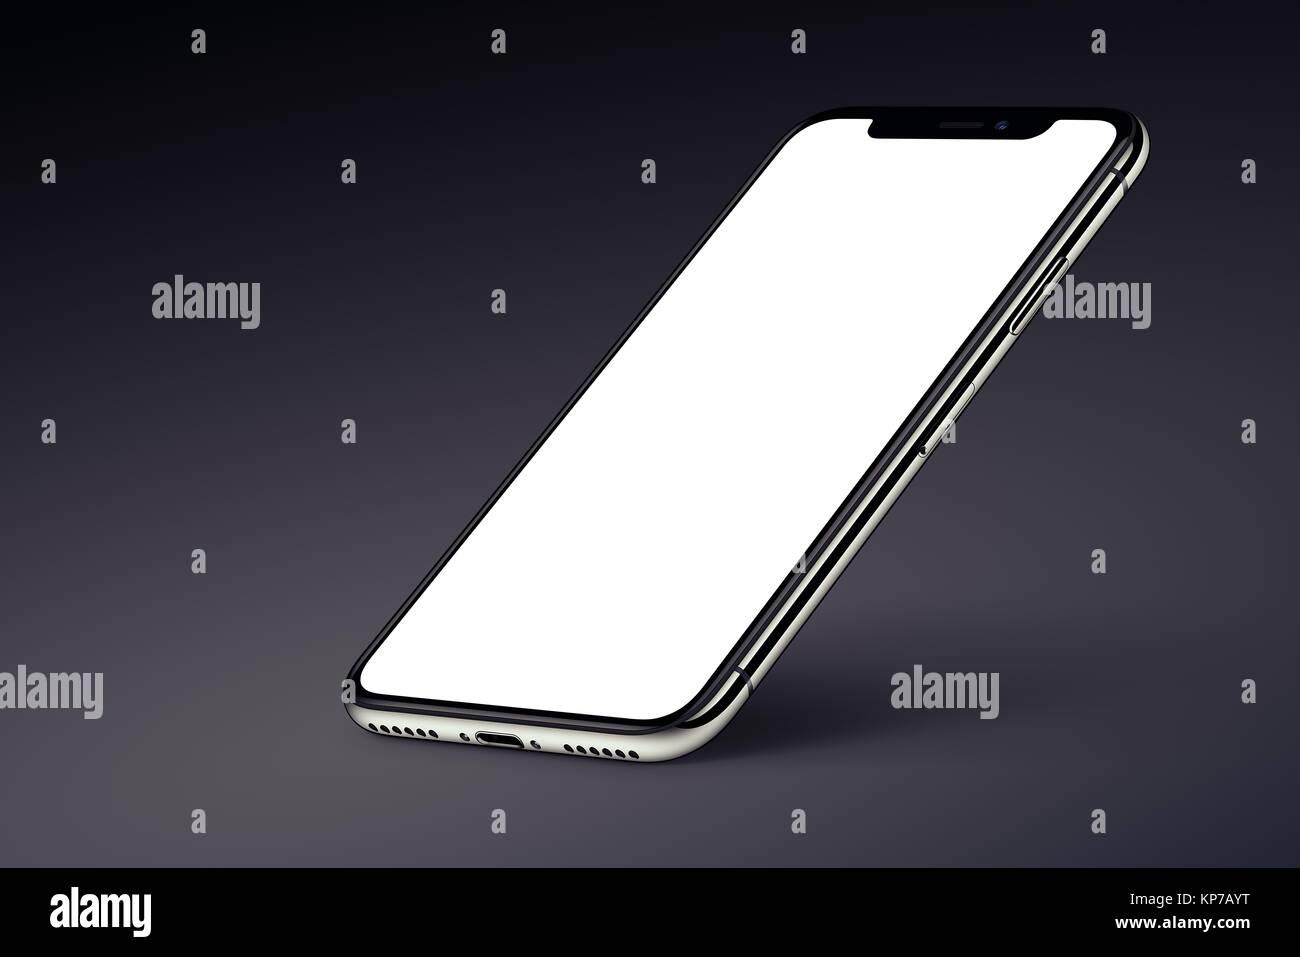 Prospettiva Iphone Smartphone X Mockup Con Ombra Su Sfondo Scuro